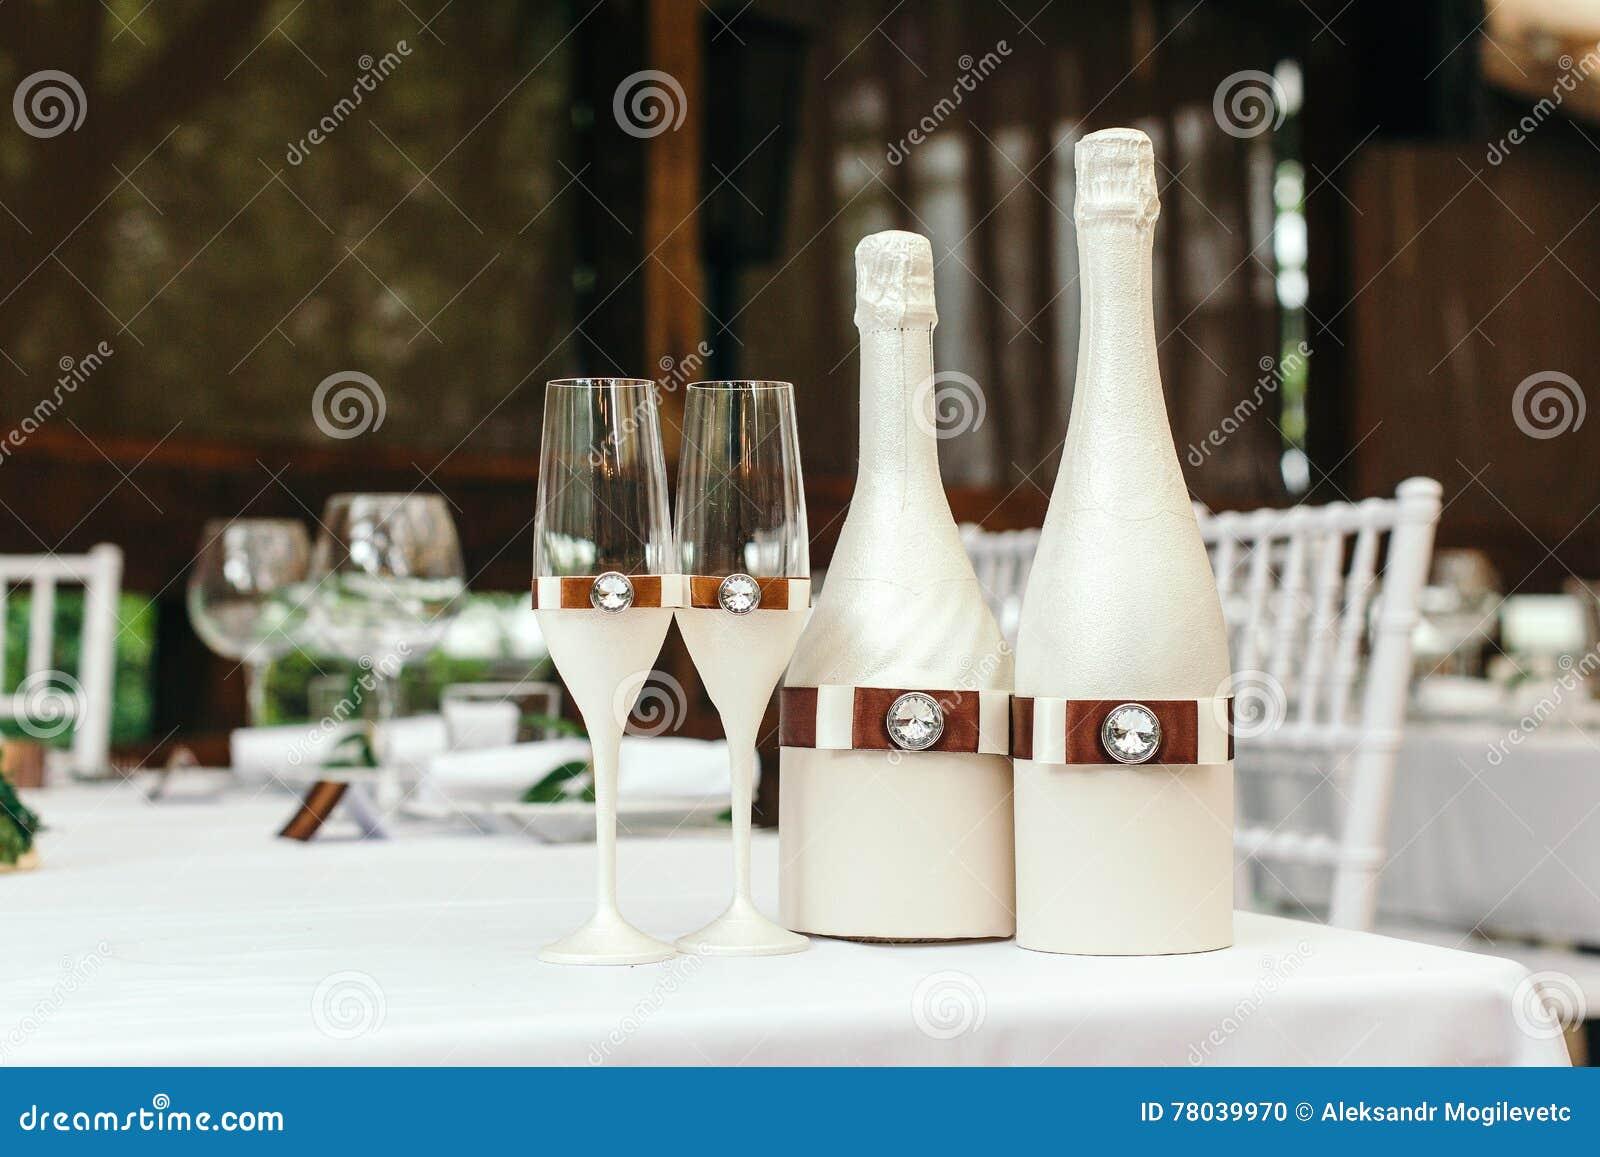 Bouteille decoration perfect bouteille decoration with bouteille decoration perfect bouteille - La bouteille sur la table ...